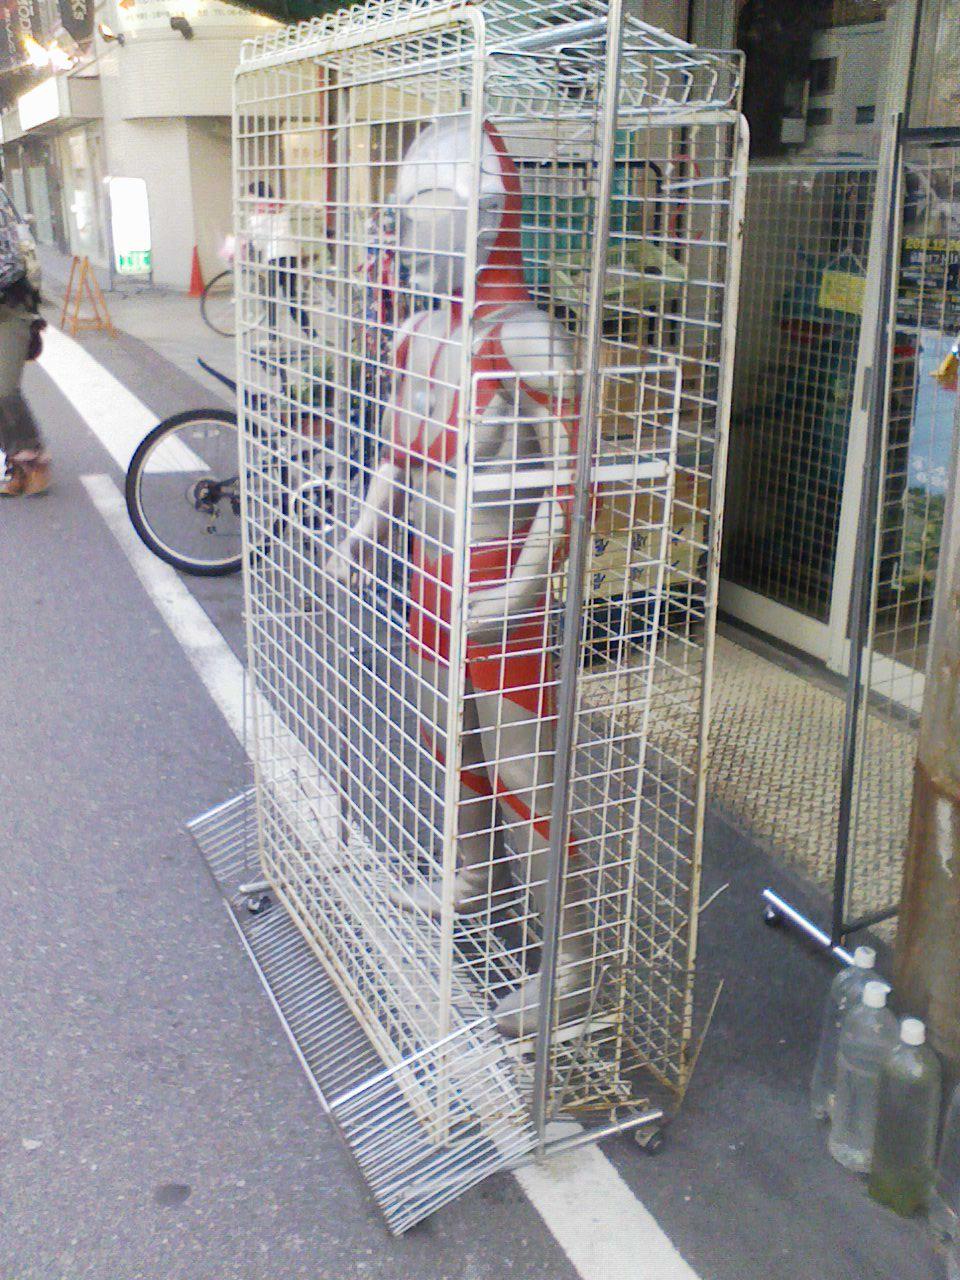 久しぶり「塚本駅前漂流」味わいの街!_c0061686_7401642.jpg